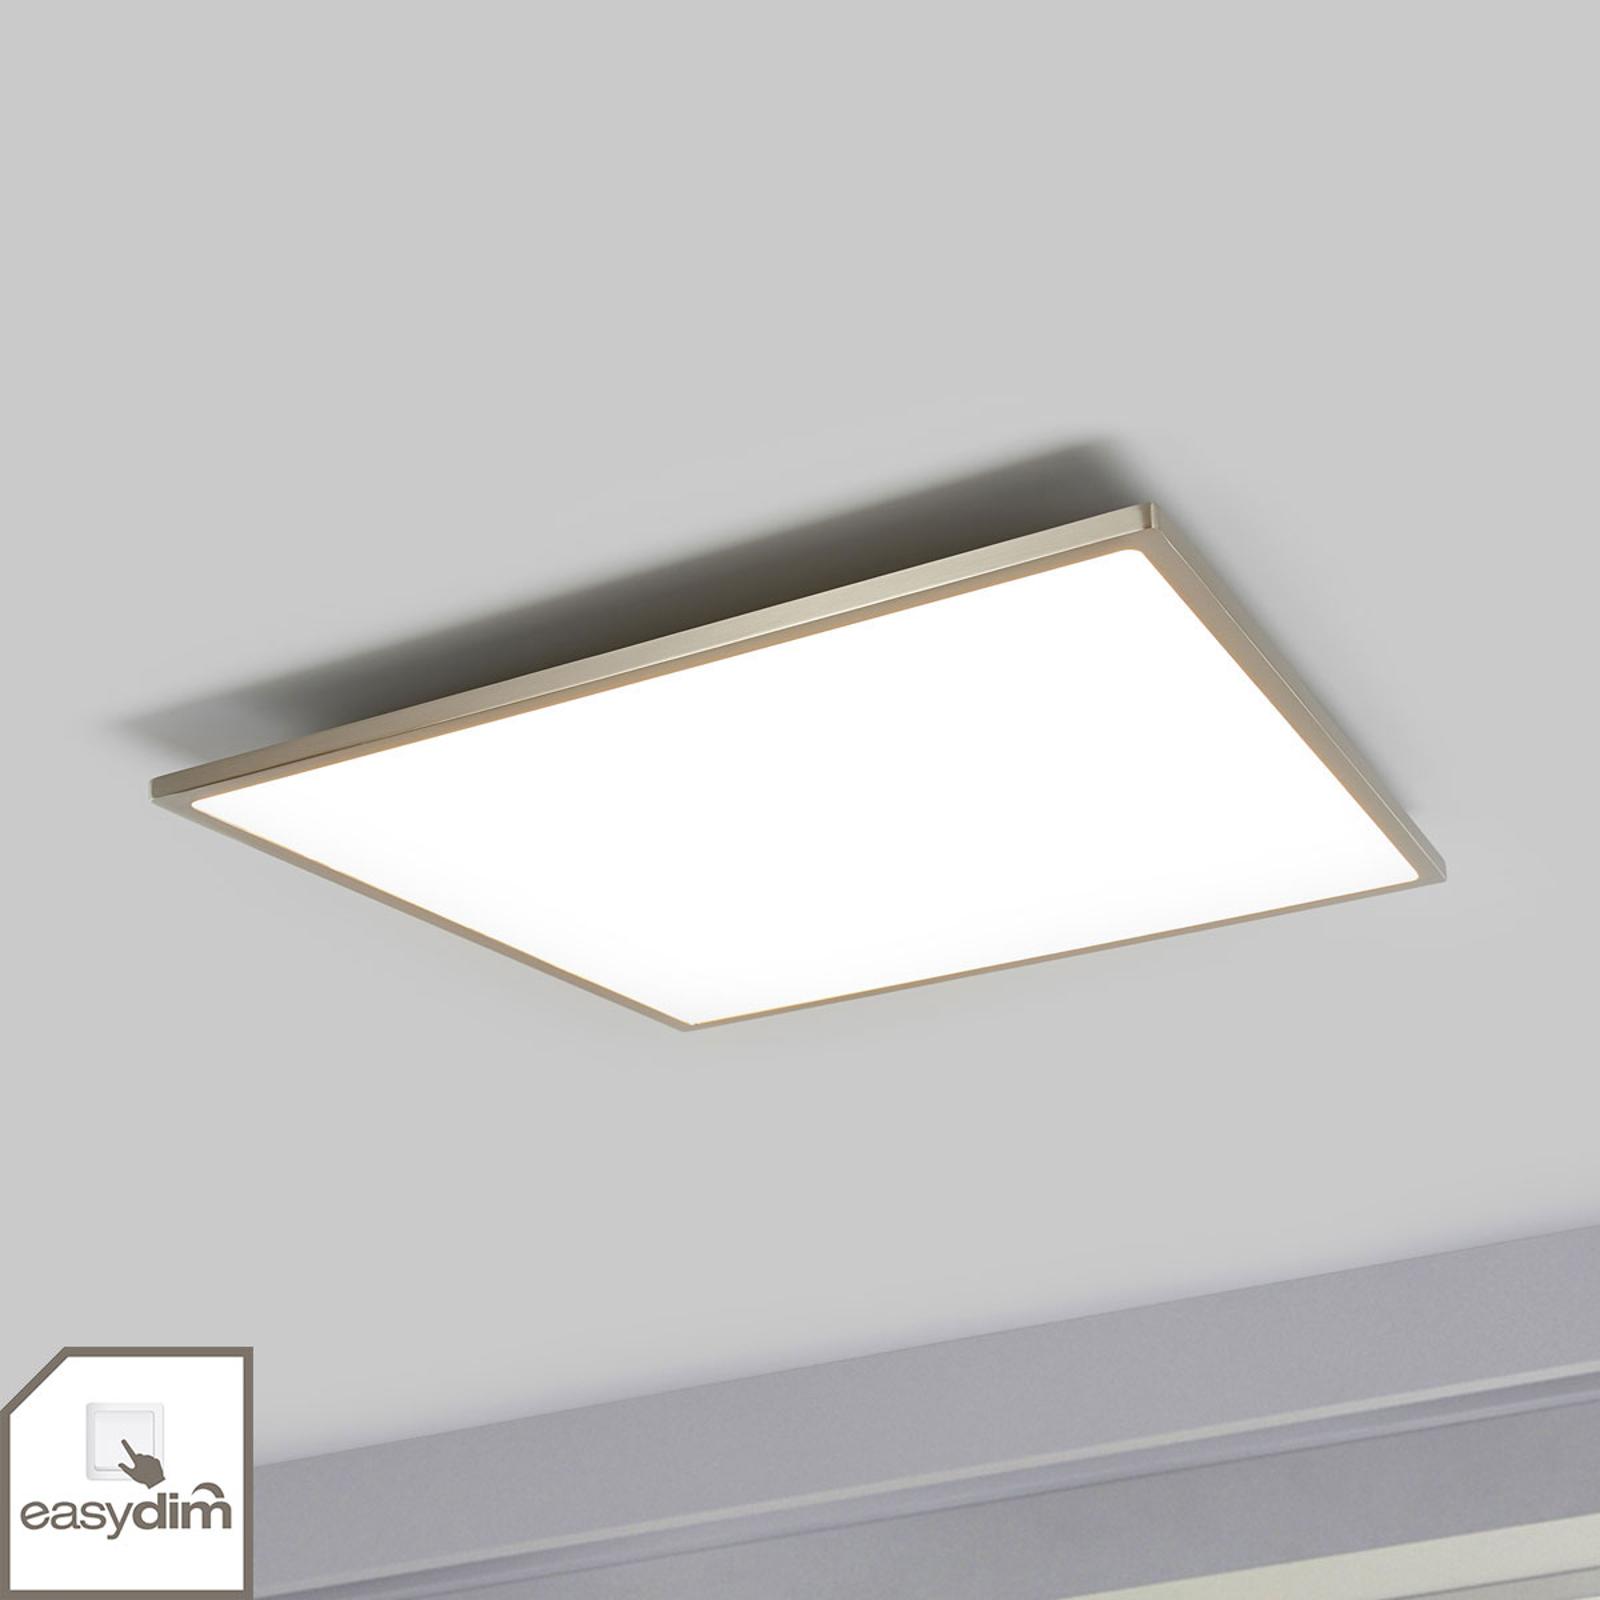 Easydim-LED-taklampa Ceres i kvadratisk form